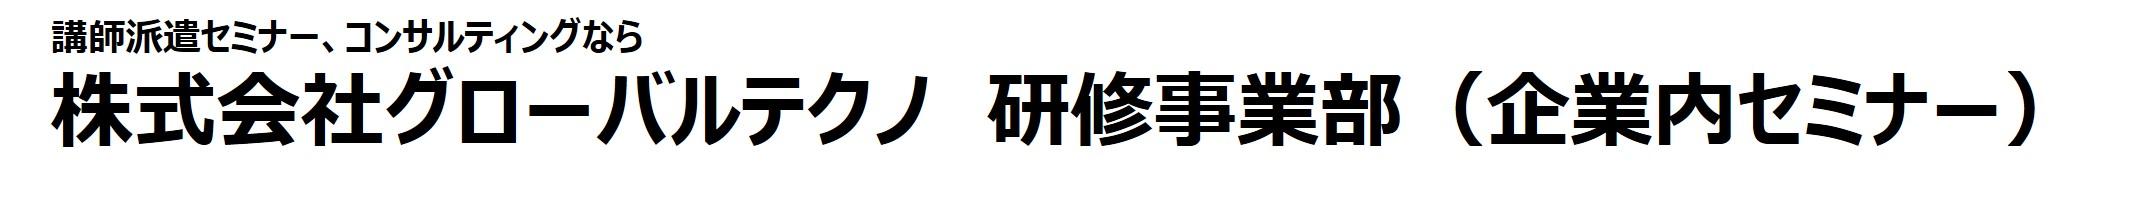 株式会社グローバルテクノ 研修事業部(企業内セミナー)